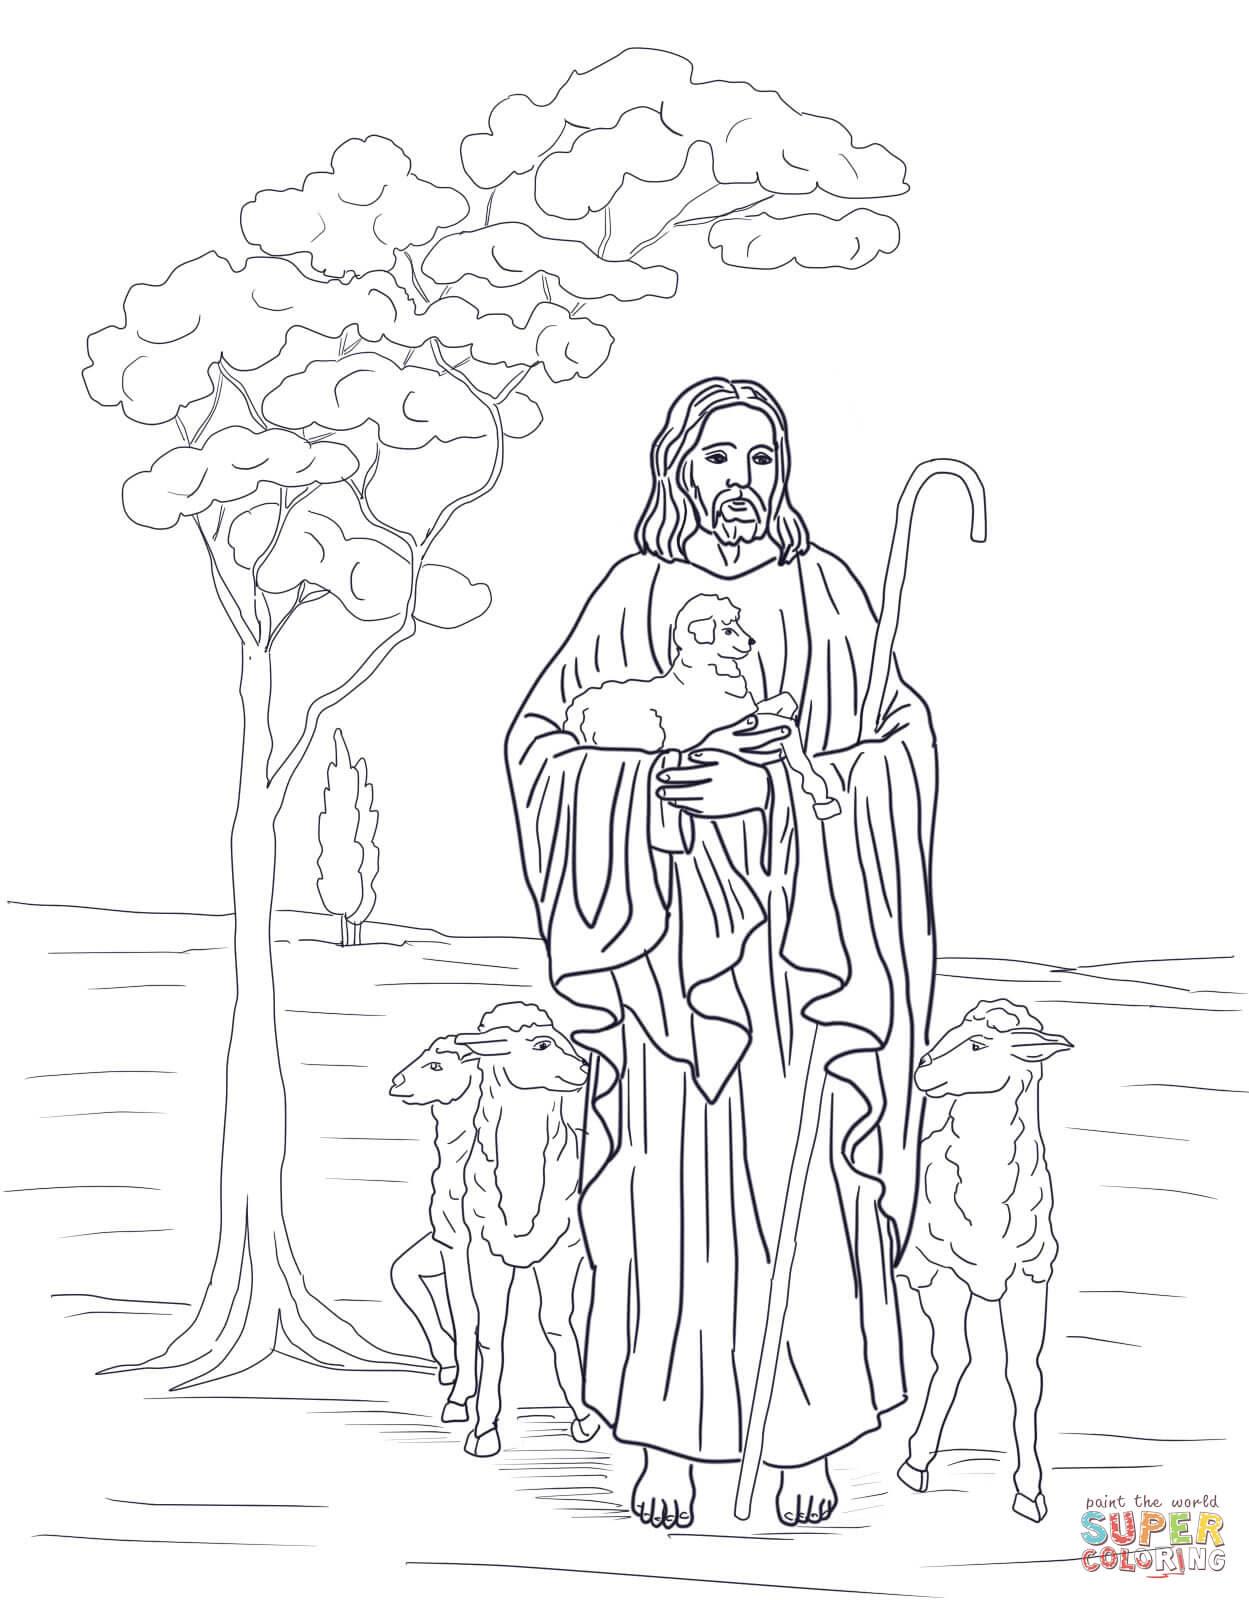 Klick das Bild Jesus ist unser Hirte